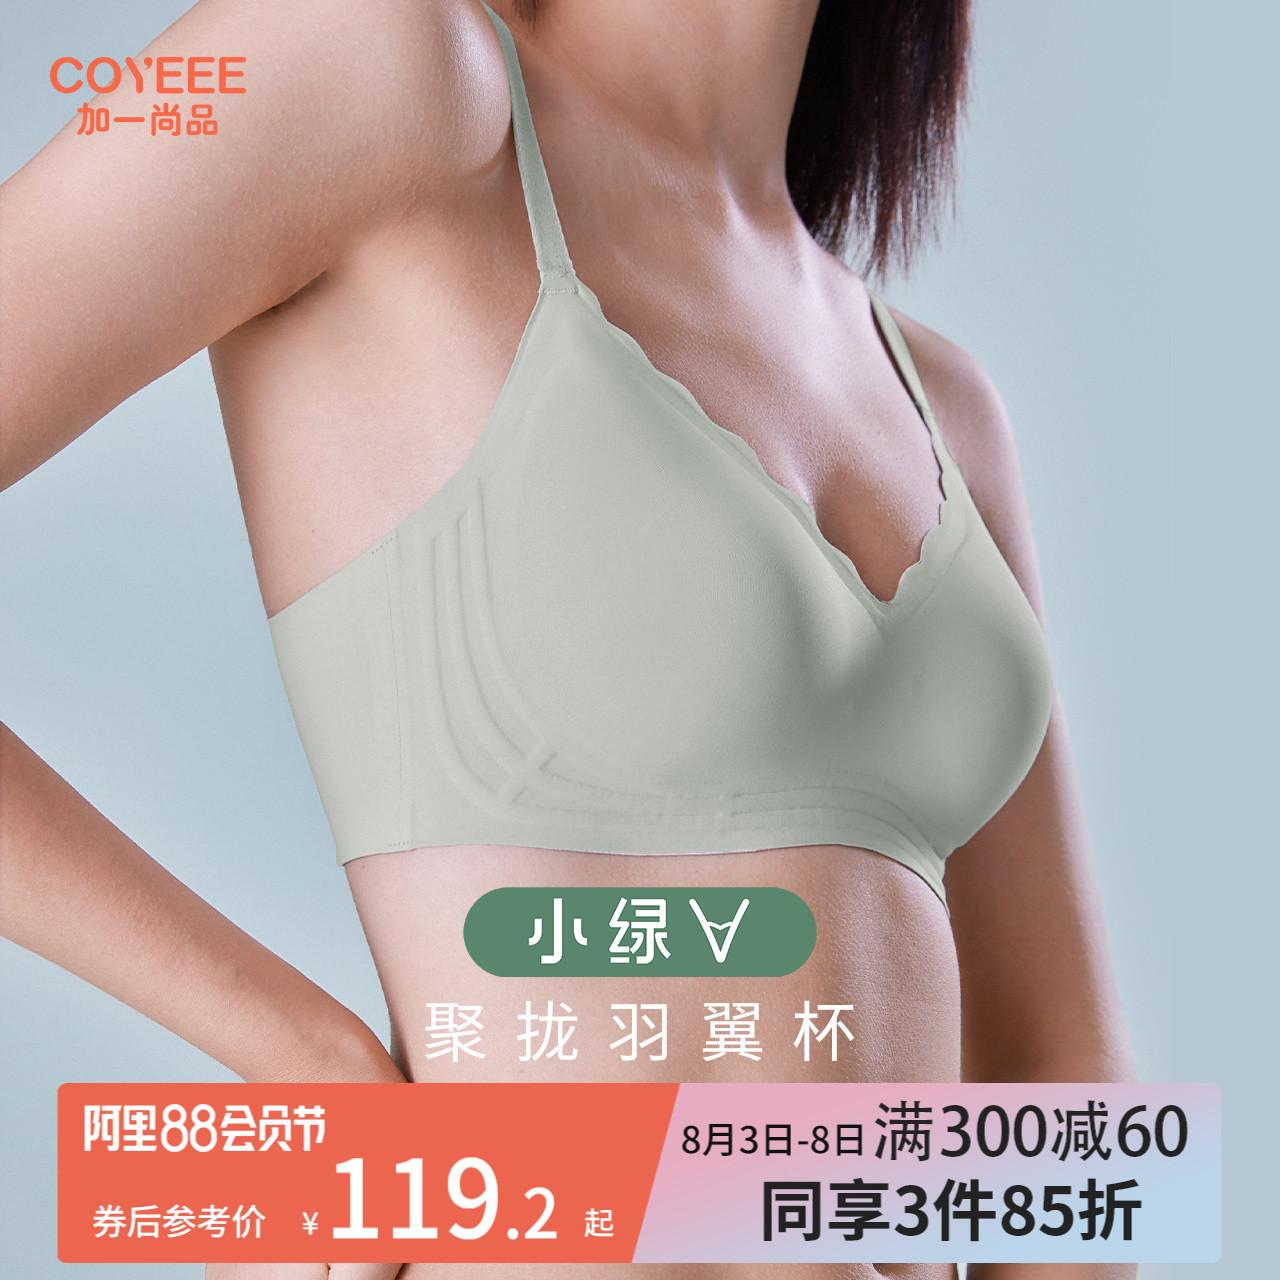 加一尚品【小绿v】女聚拢无钢圈文胸